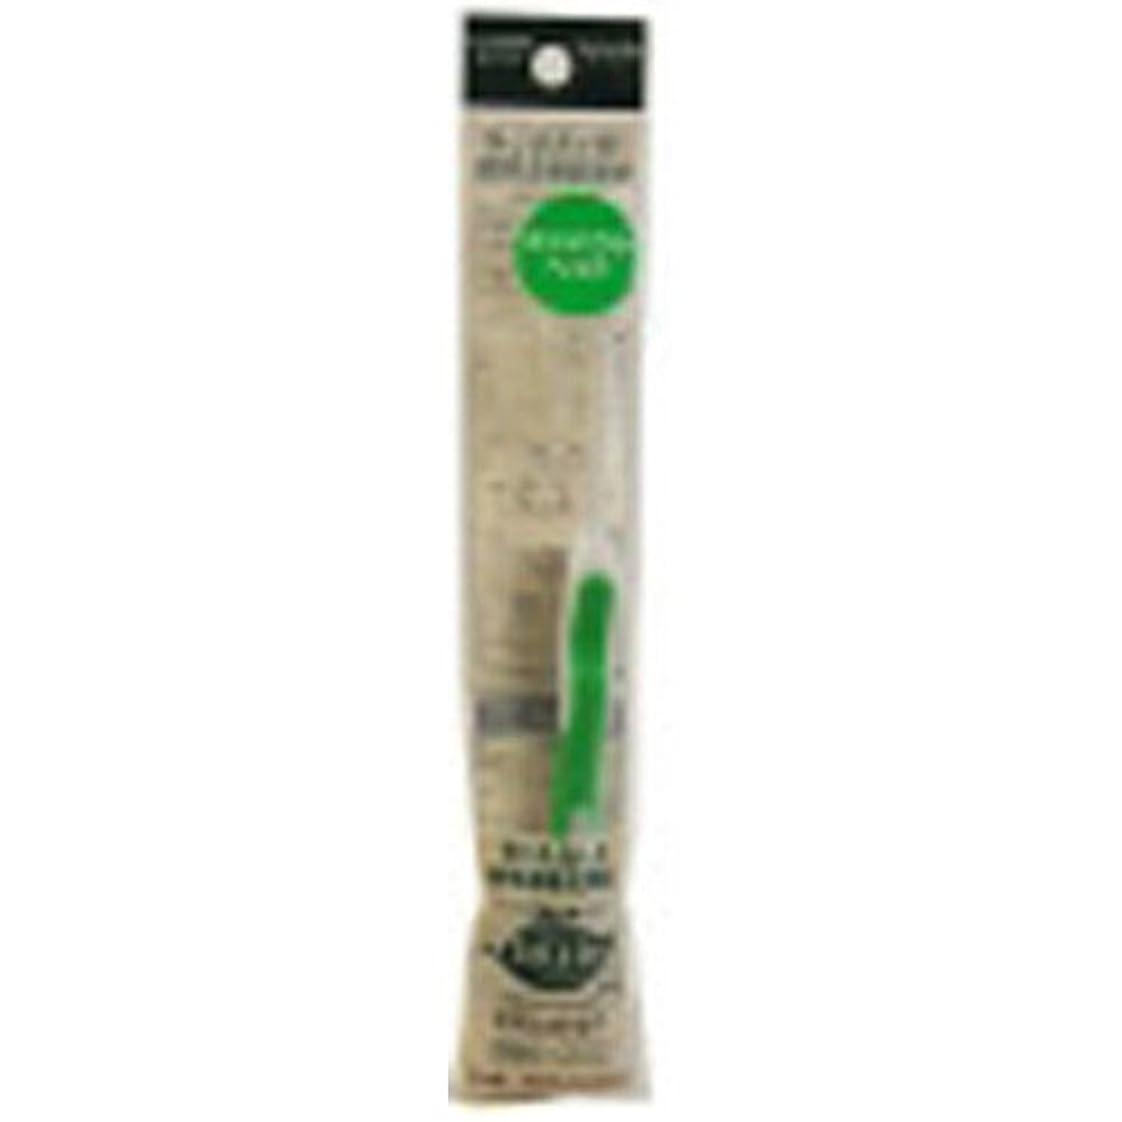 解体するさびた小康サレド ヘッド交換式歯ブラシ お試しセット コンパクトヘッド グリーン